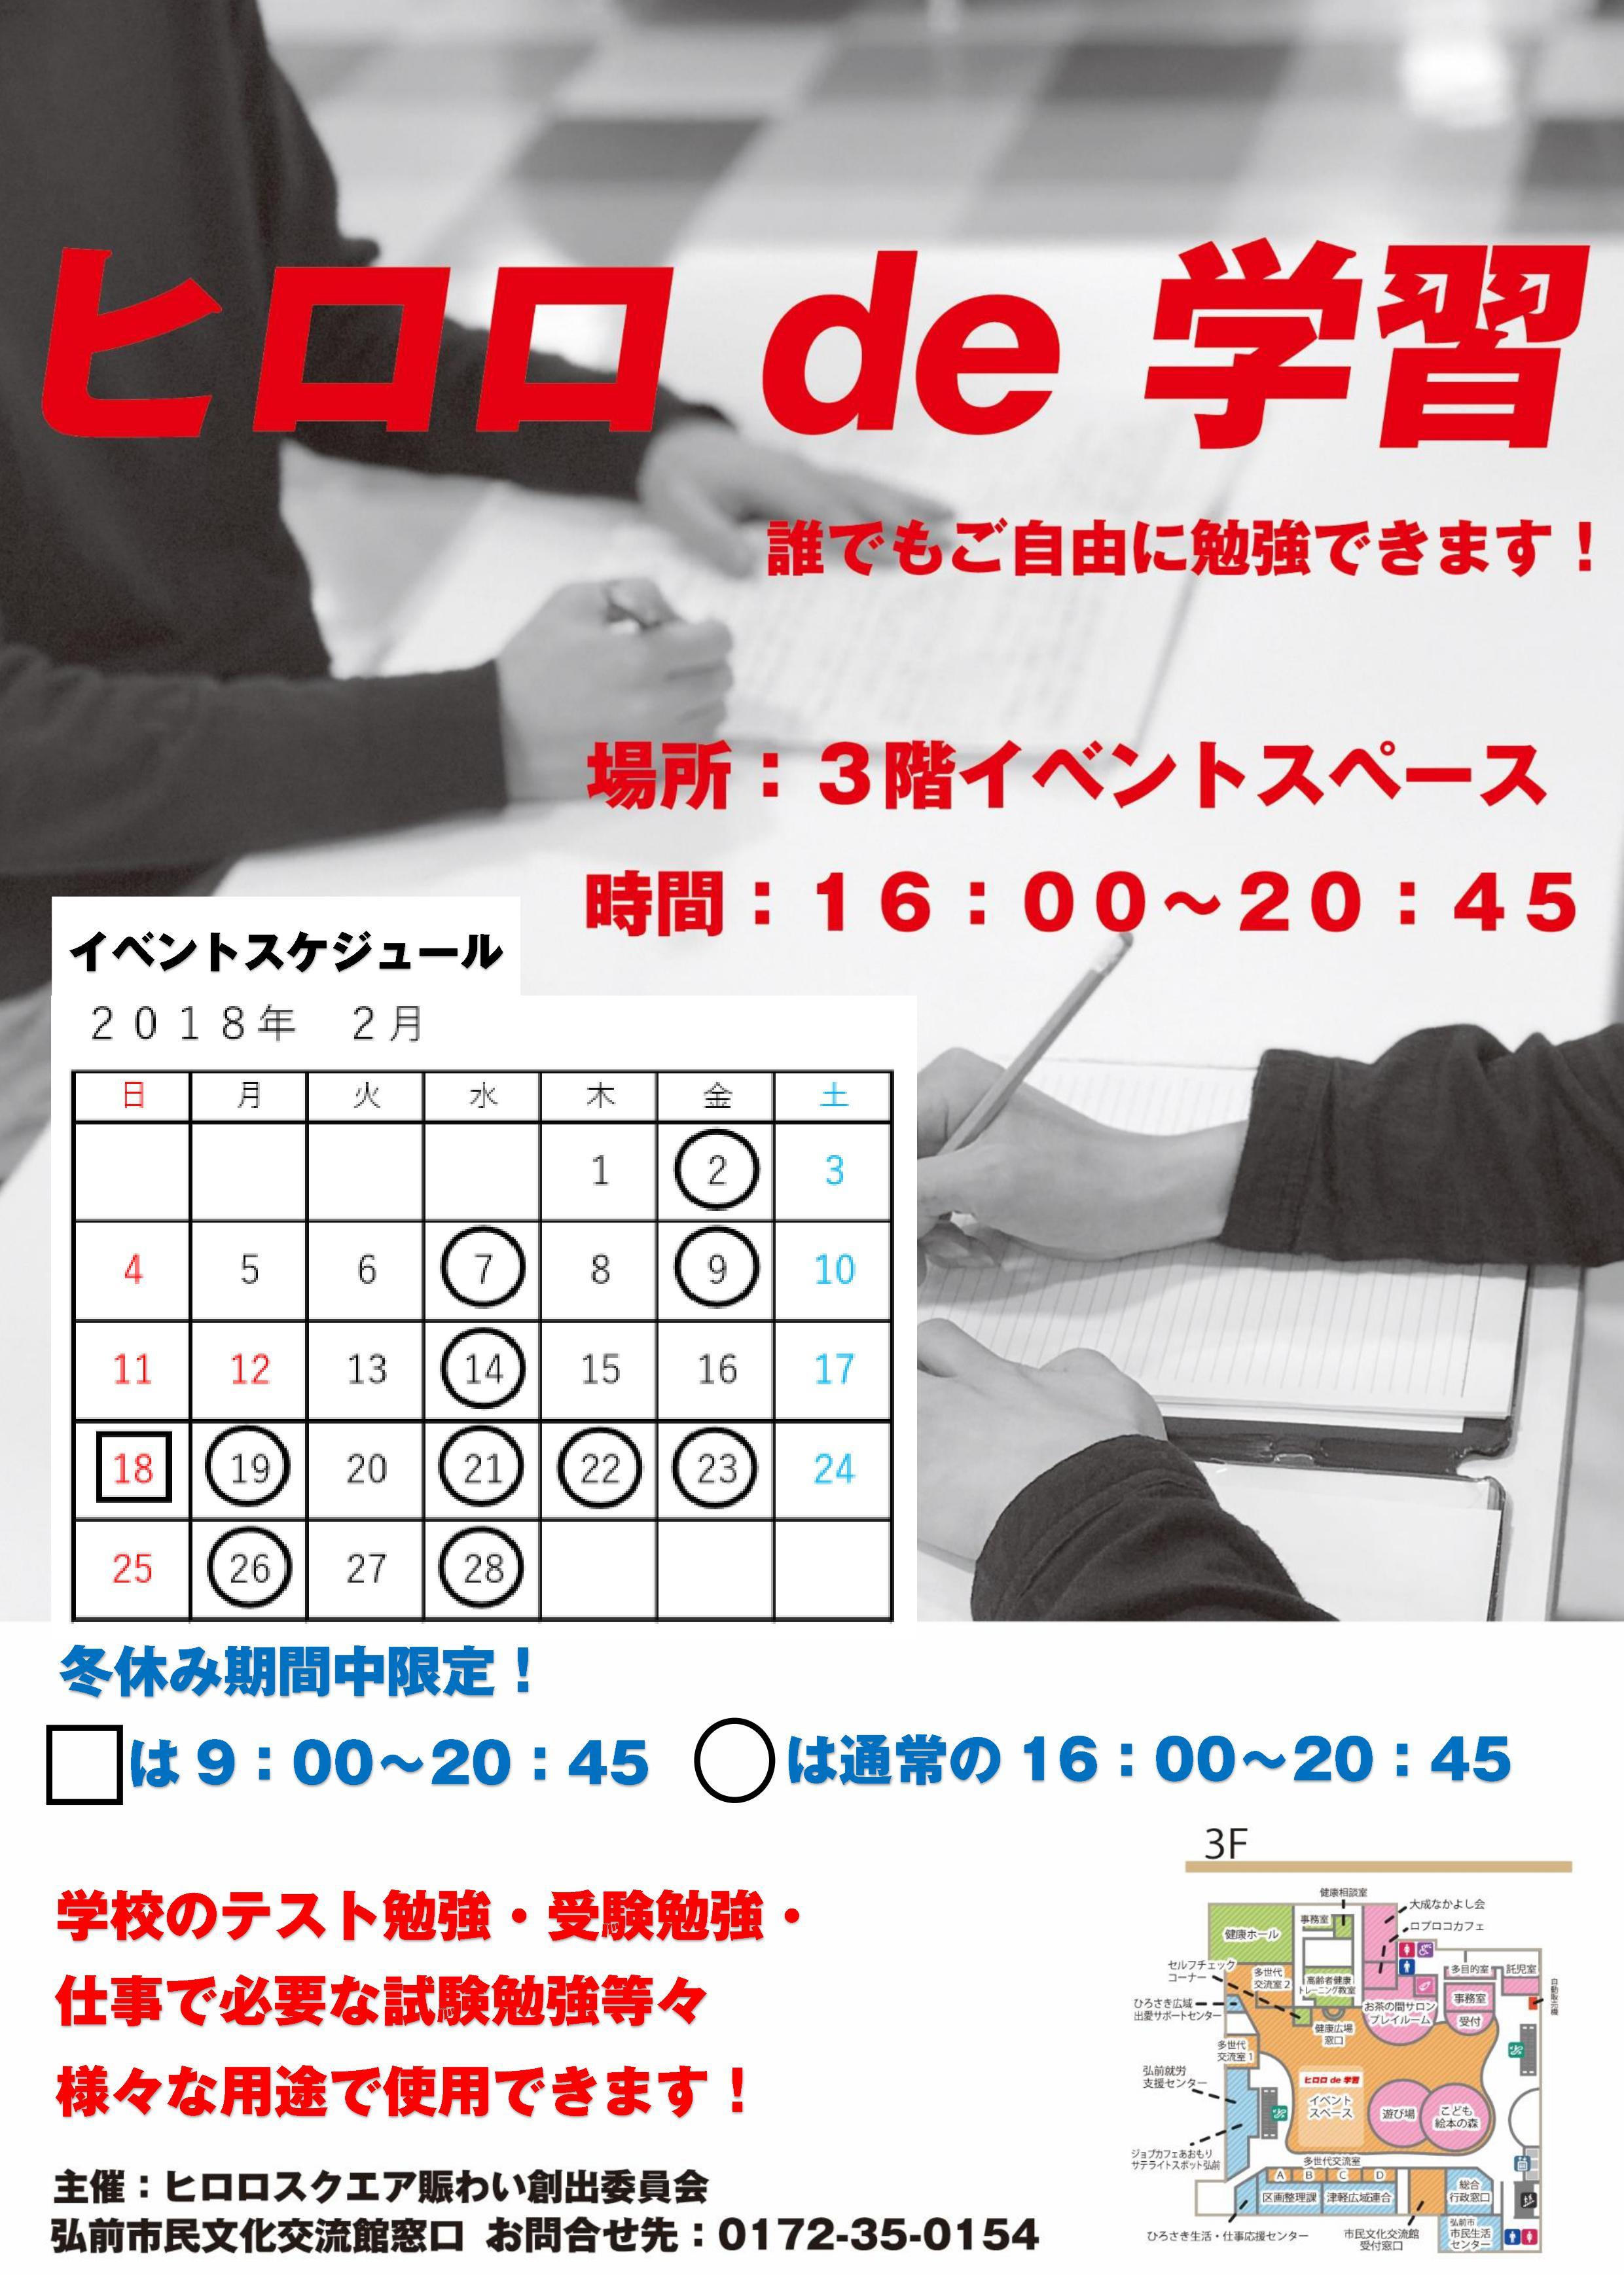 ヒロロde学習2月用チラシ.jpg